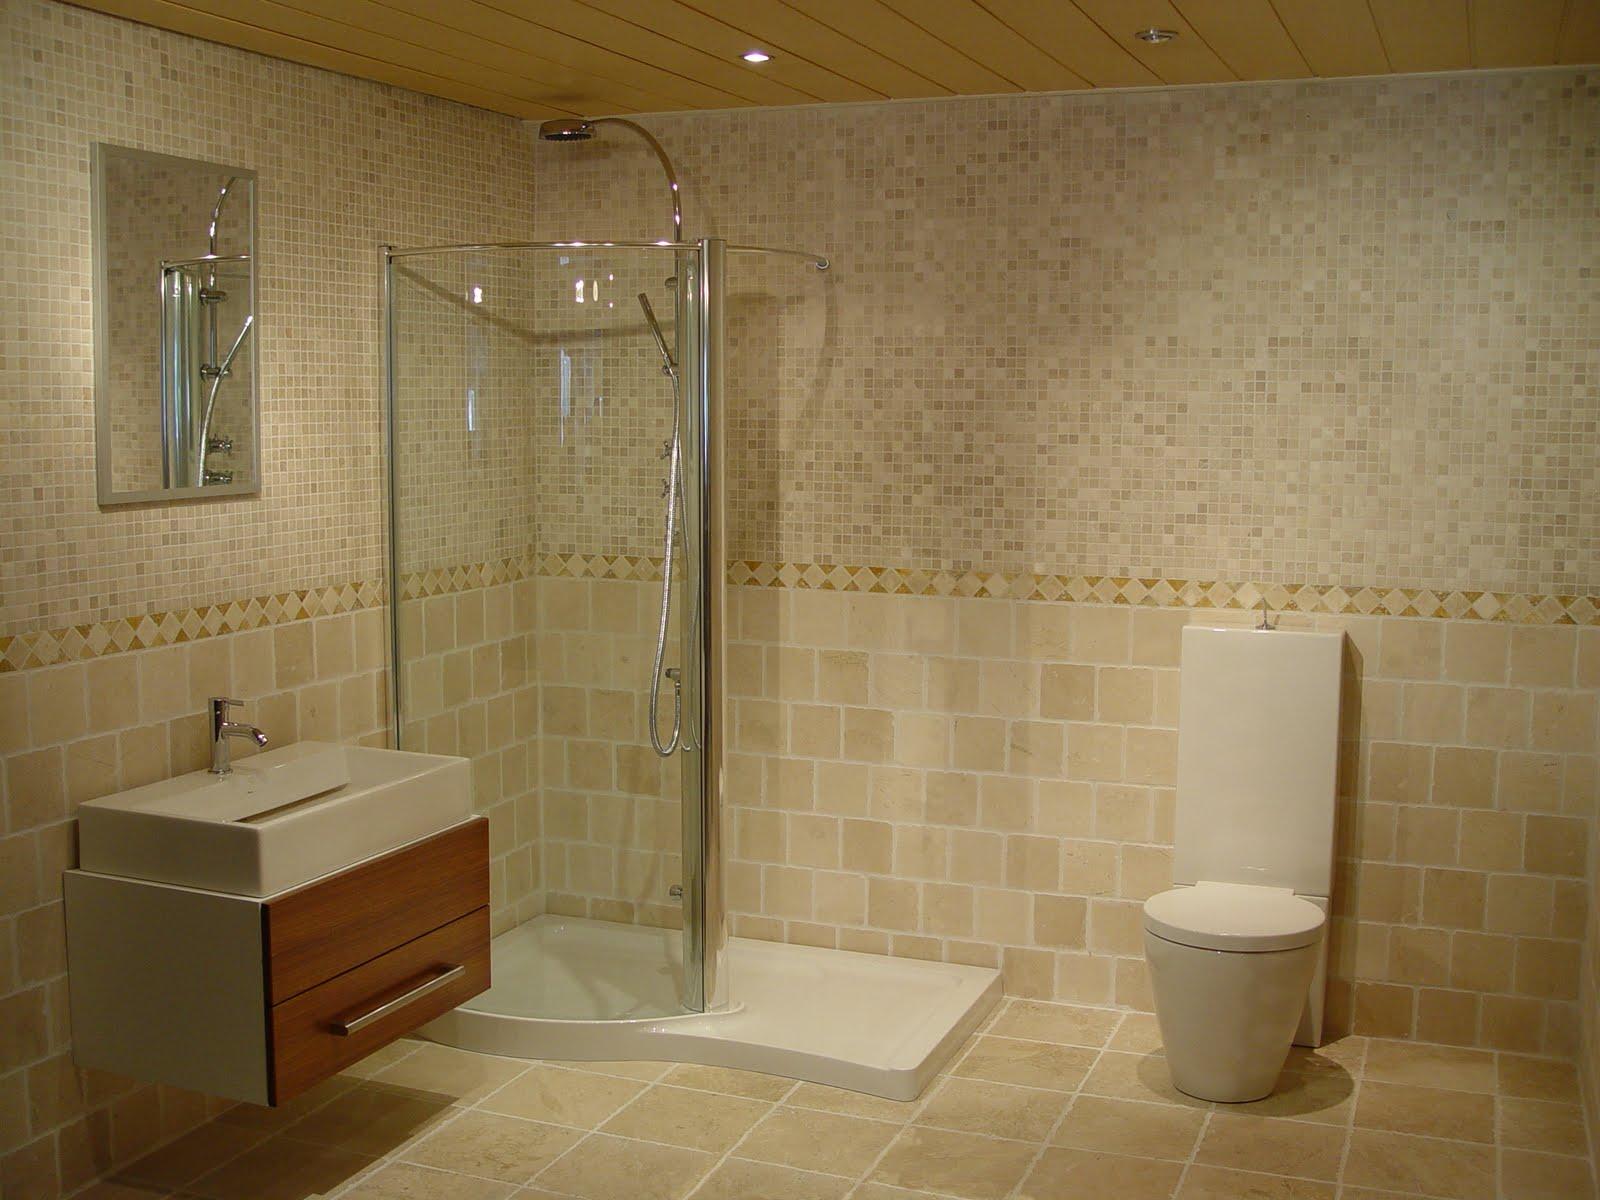 bathroom tiles designs photos photo - 2